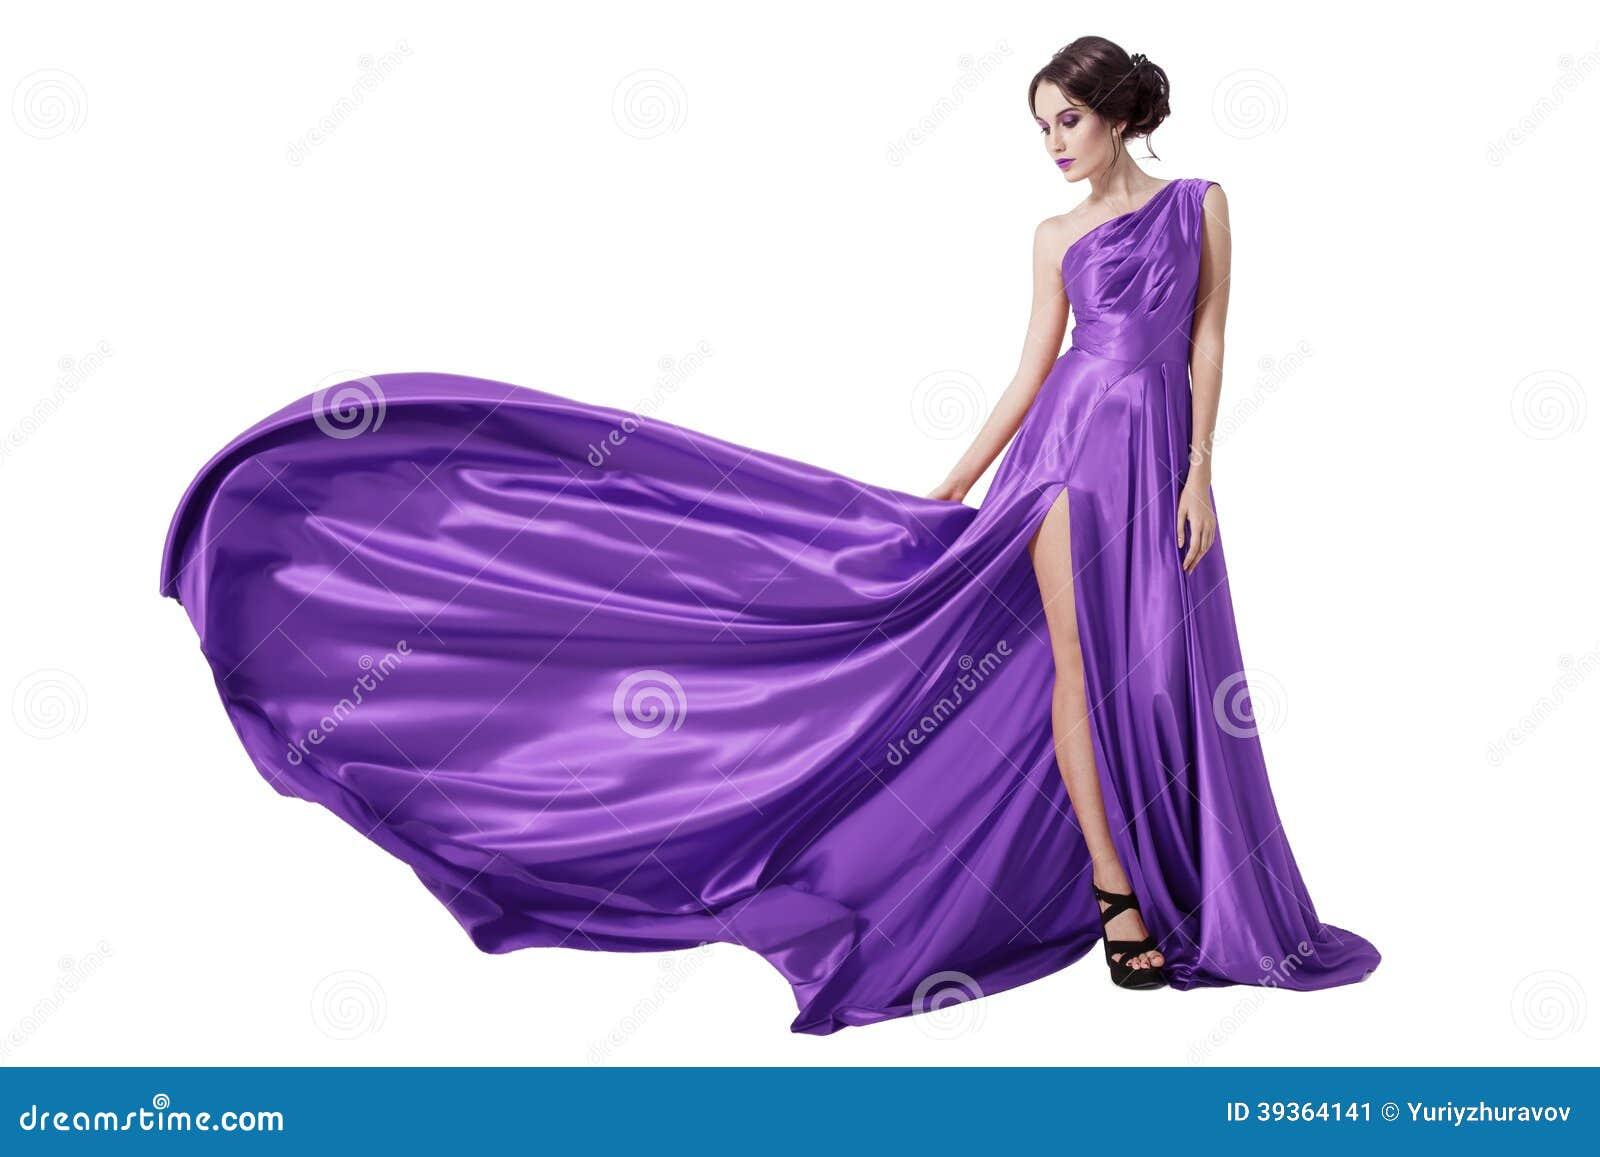 Junge Schönheits-Frau in flatternder Violet Dress. Lokalisiert